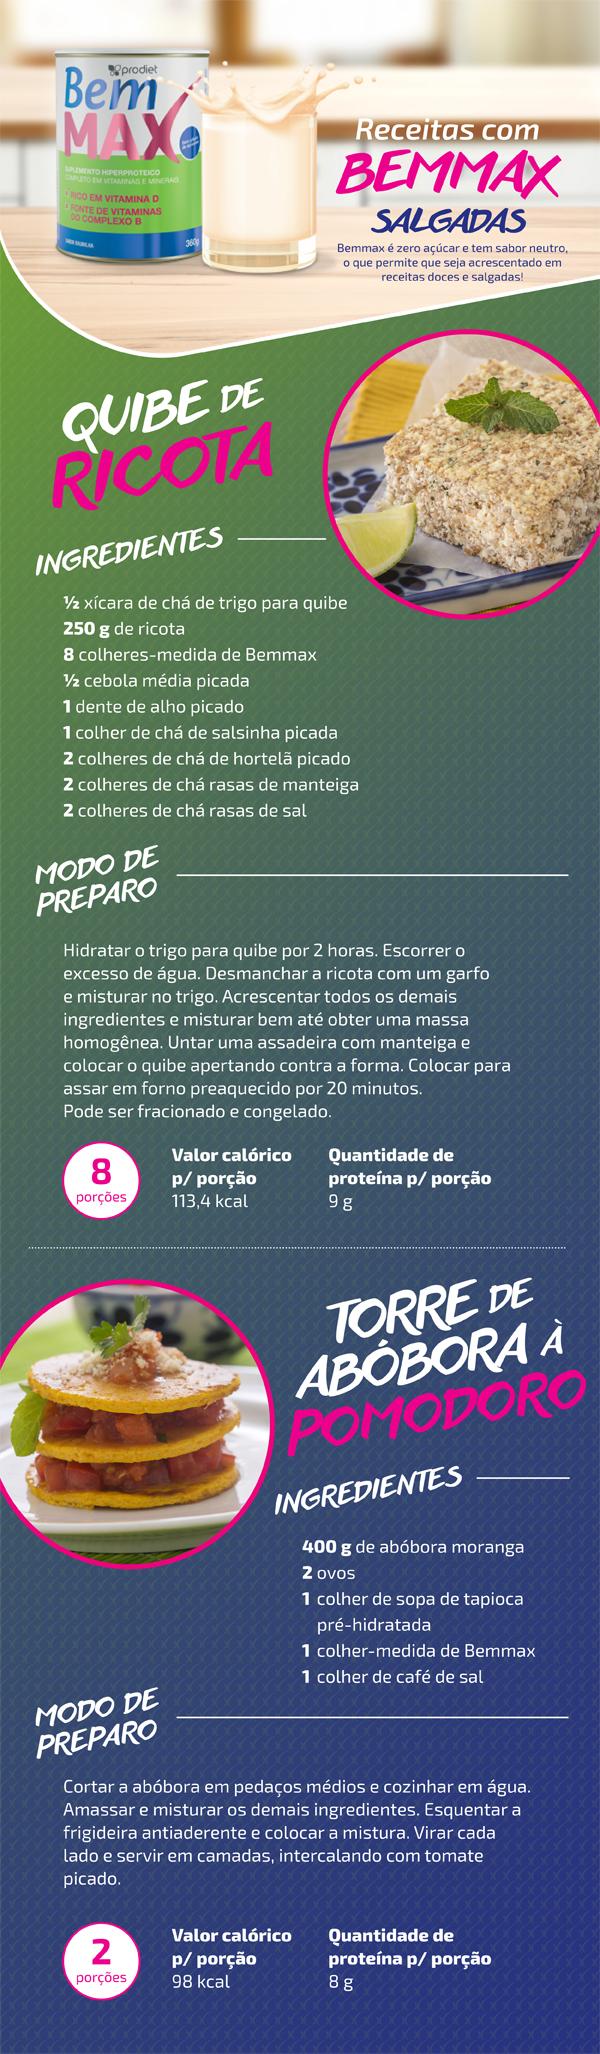 af_PR0516U_Blog Salgadas